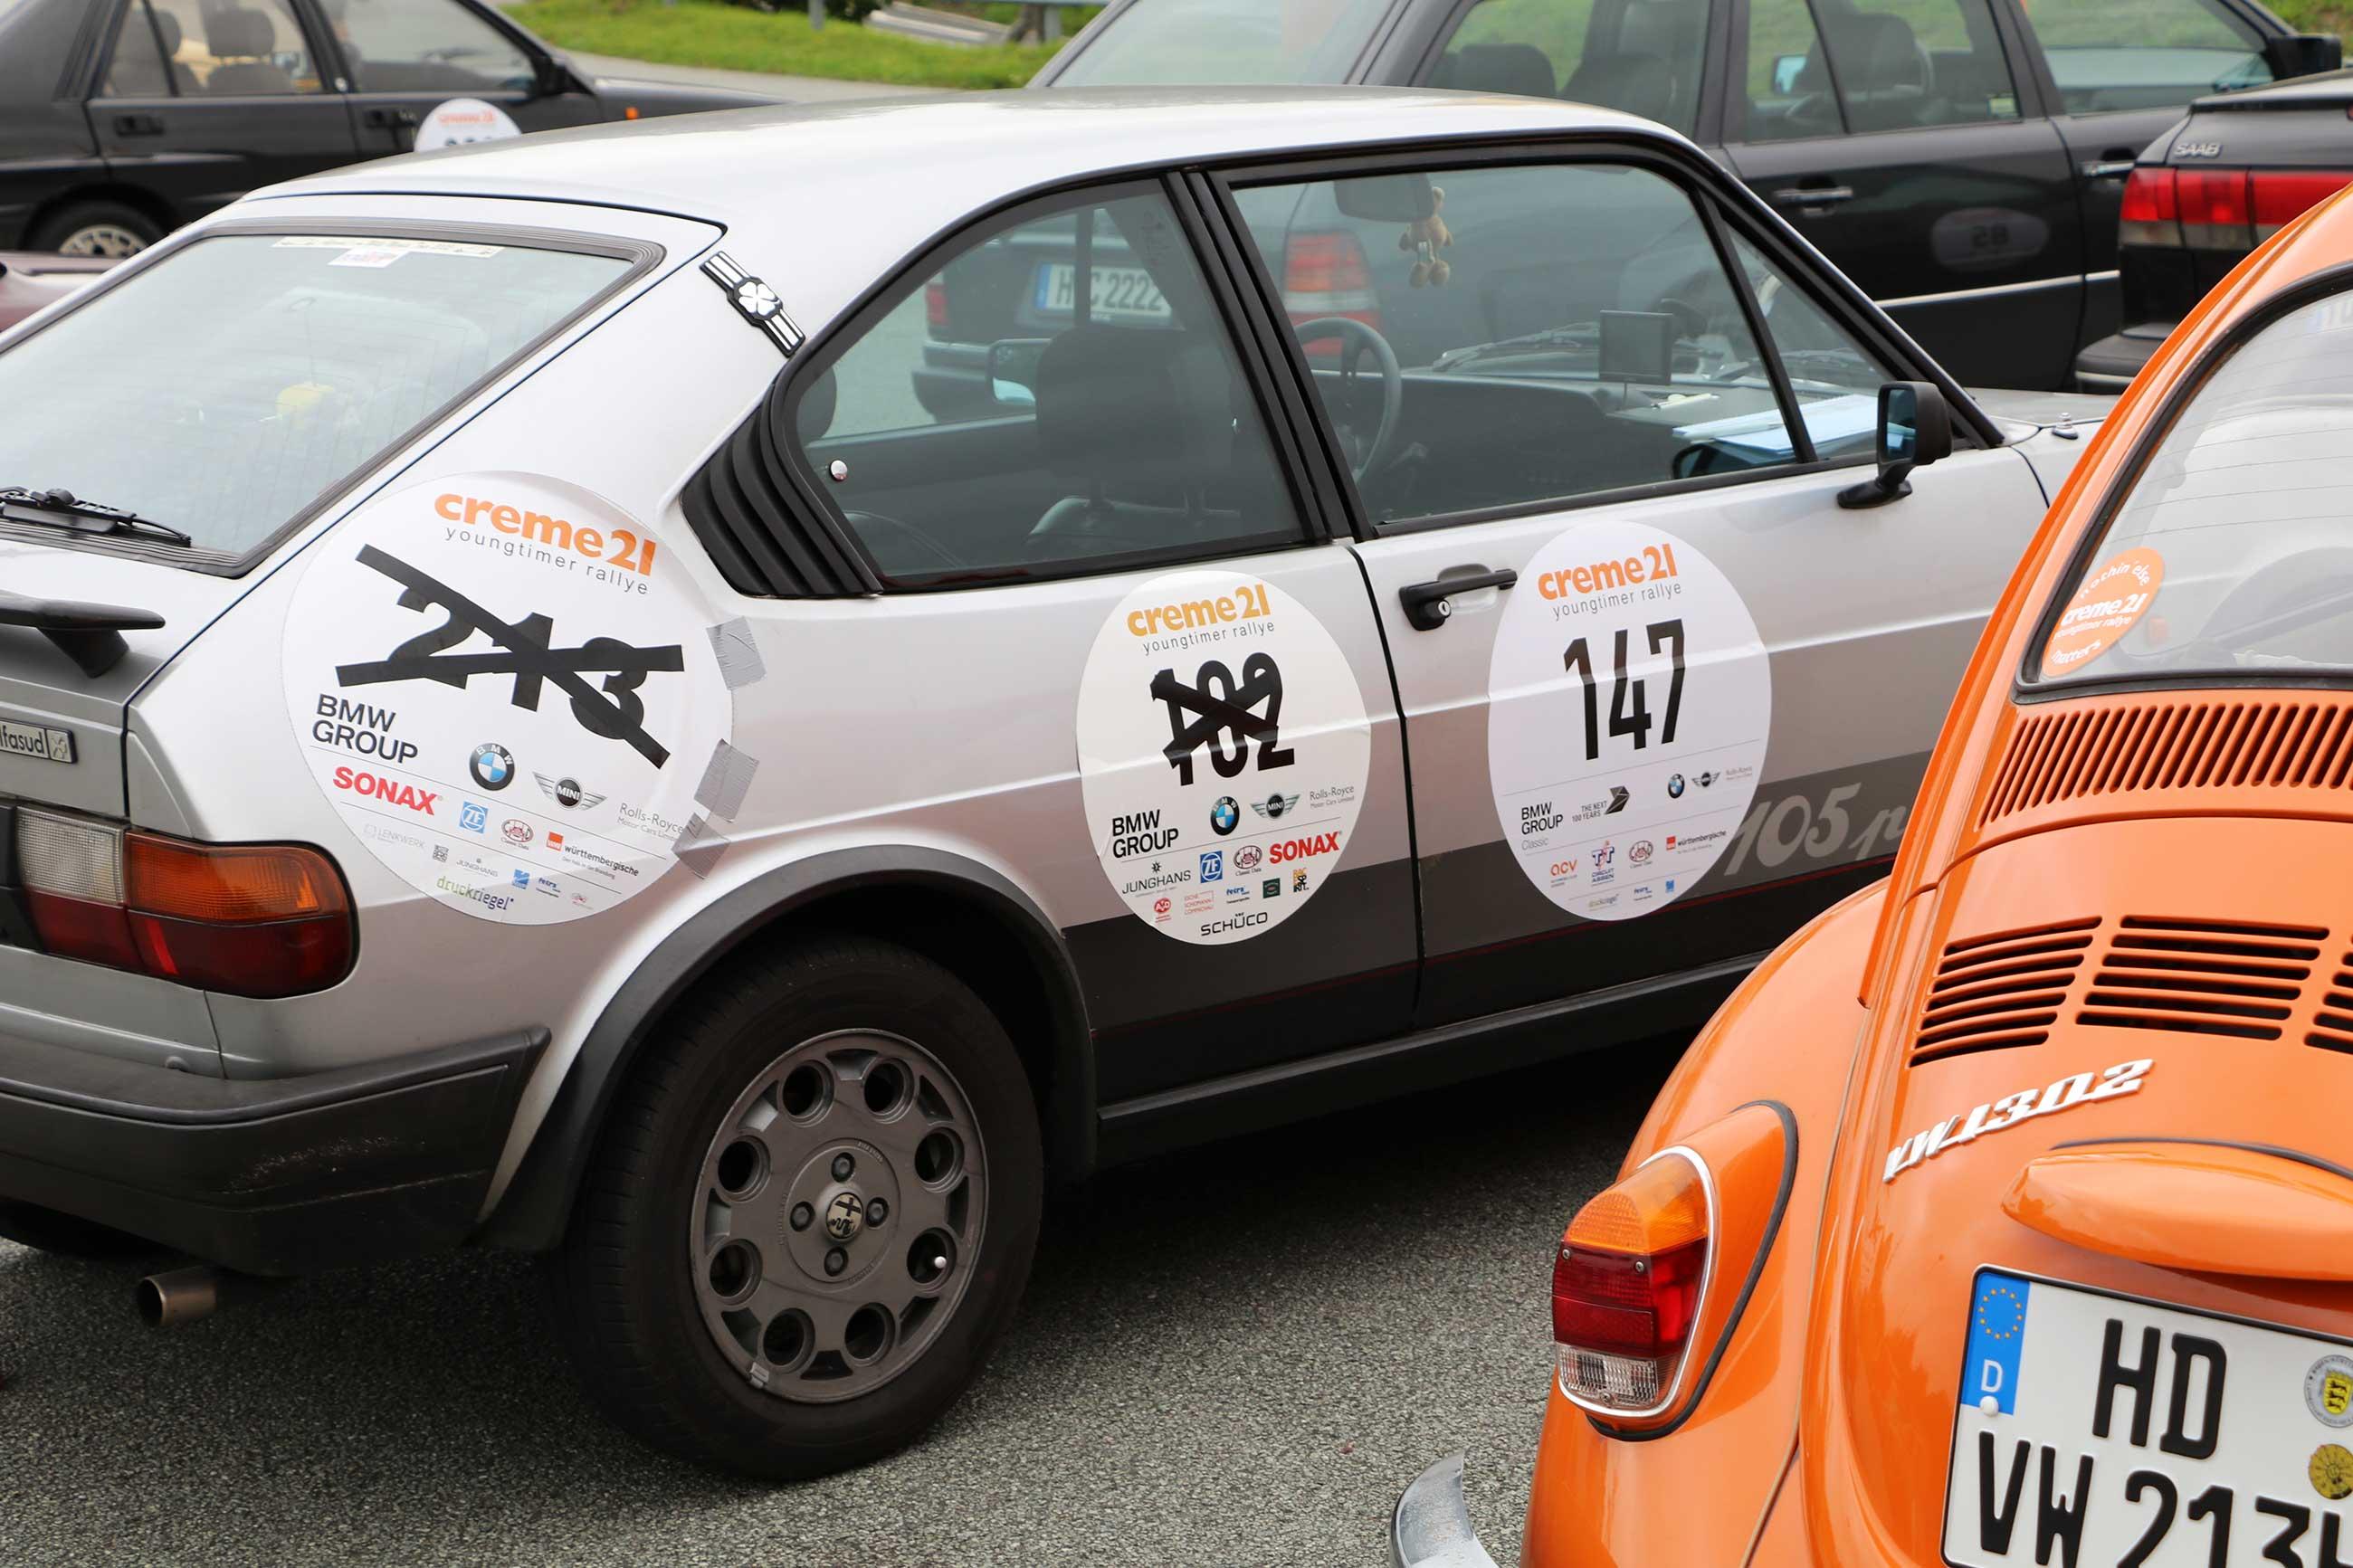 Bericht: Meine Teilnahme an der Creme 21 Youngtimer Rallye 2019 Creme-21-Youngtimer-Rallye-2019_Nachbericht_85